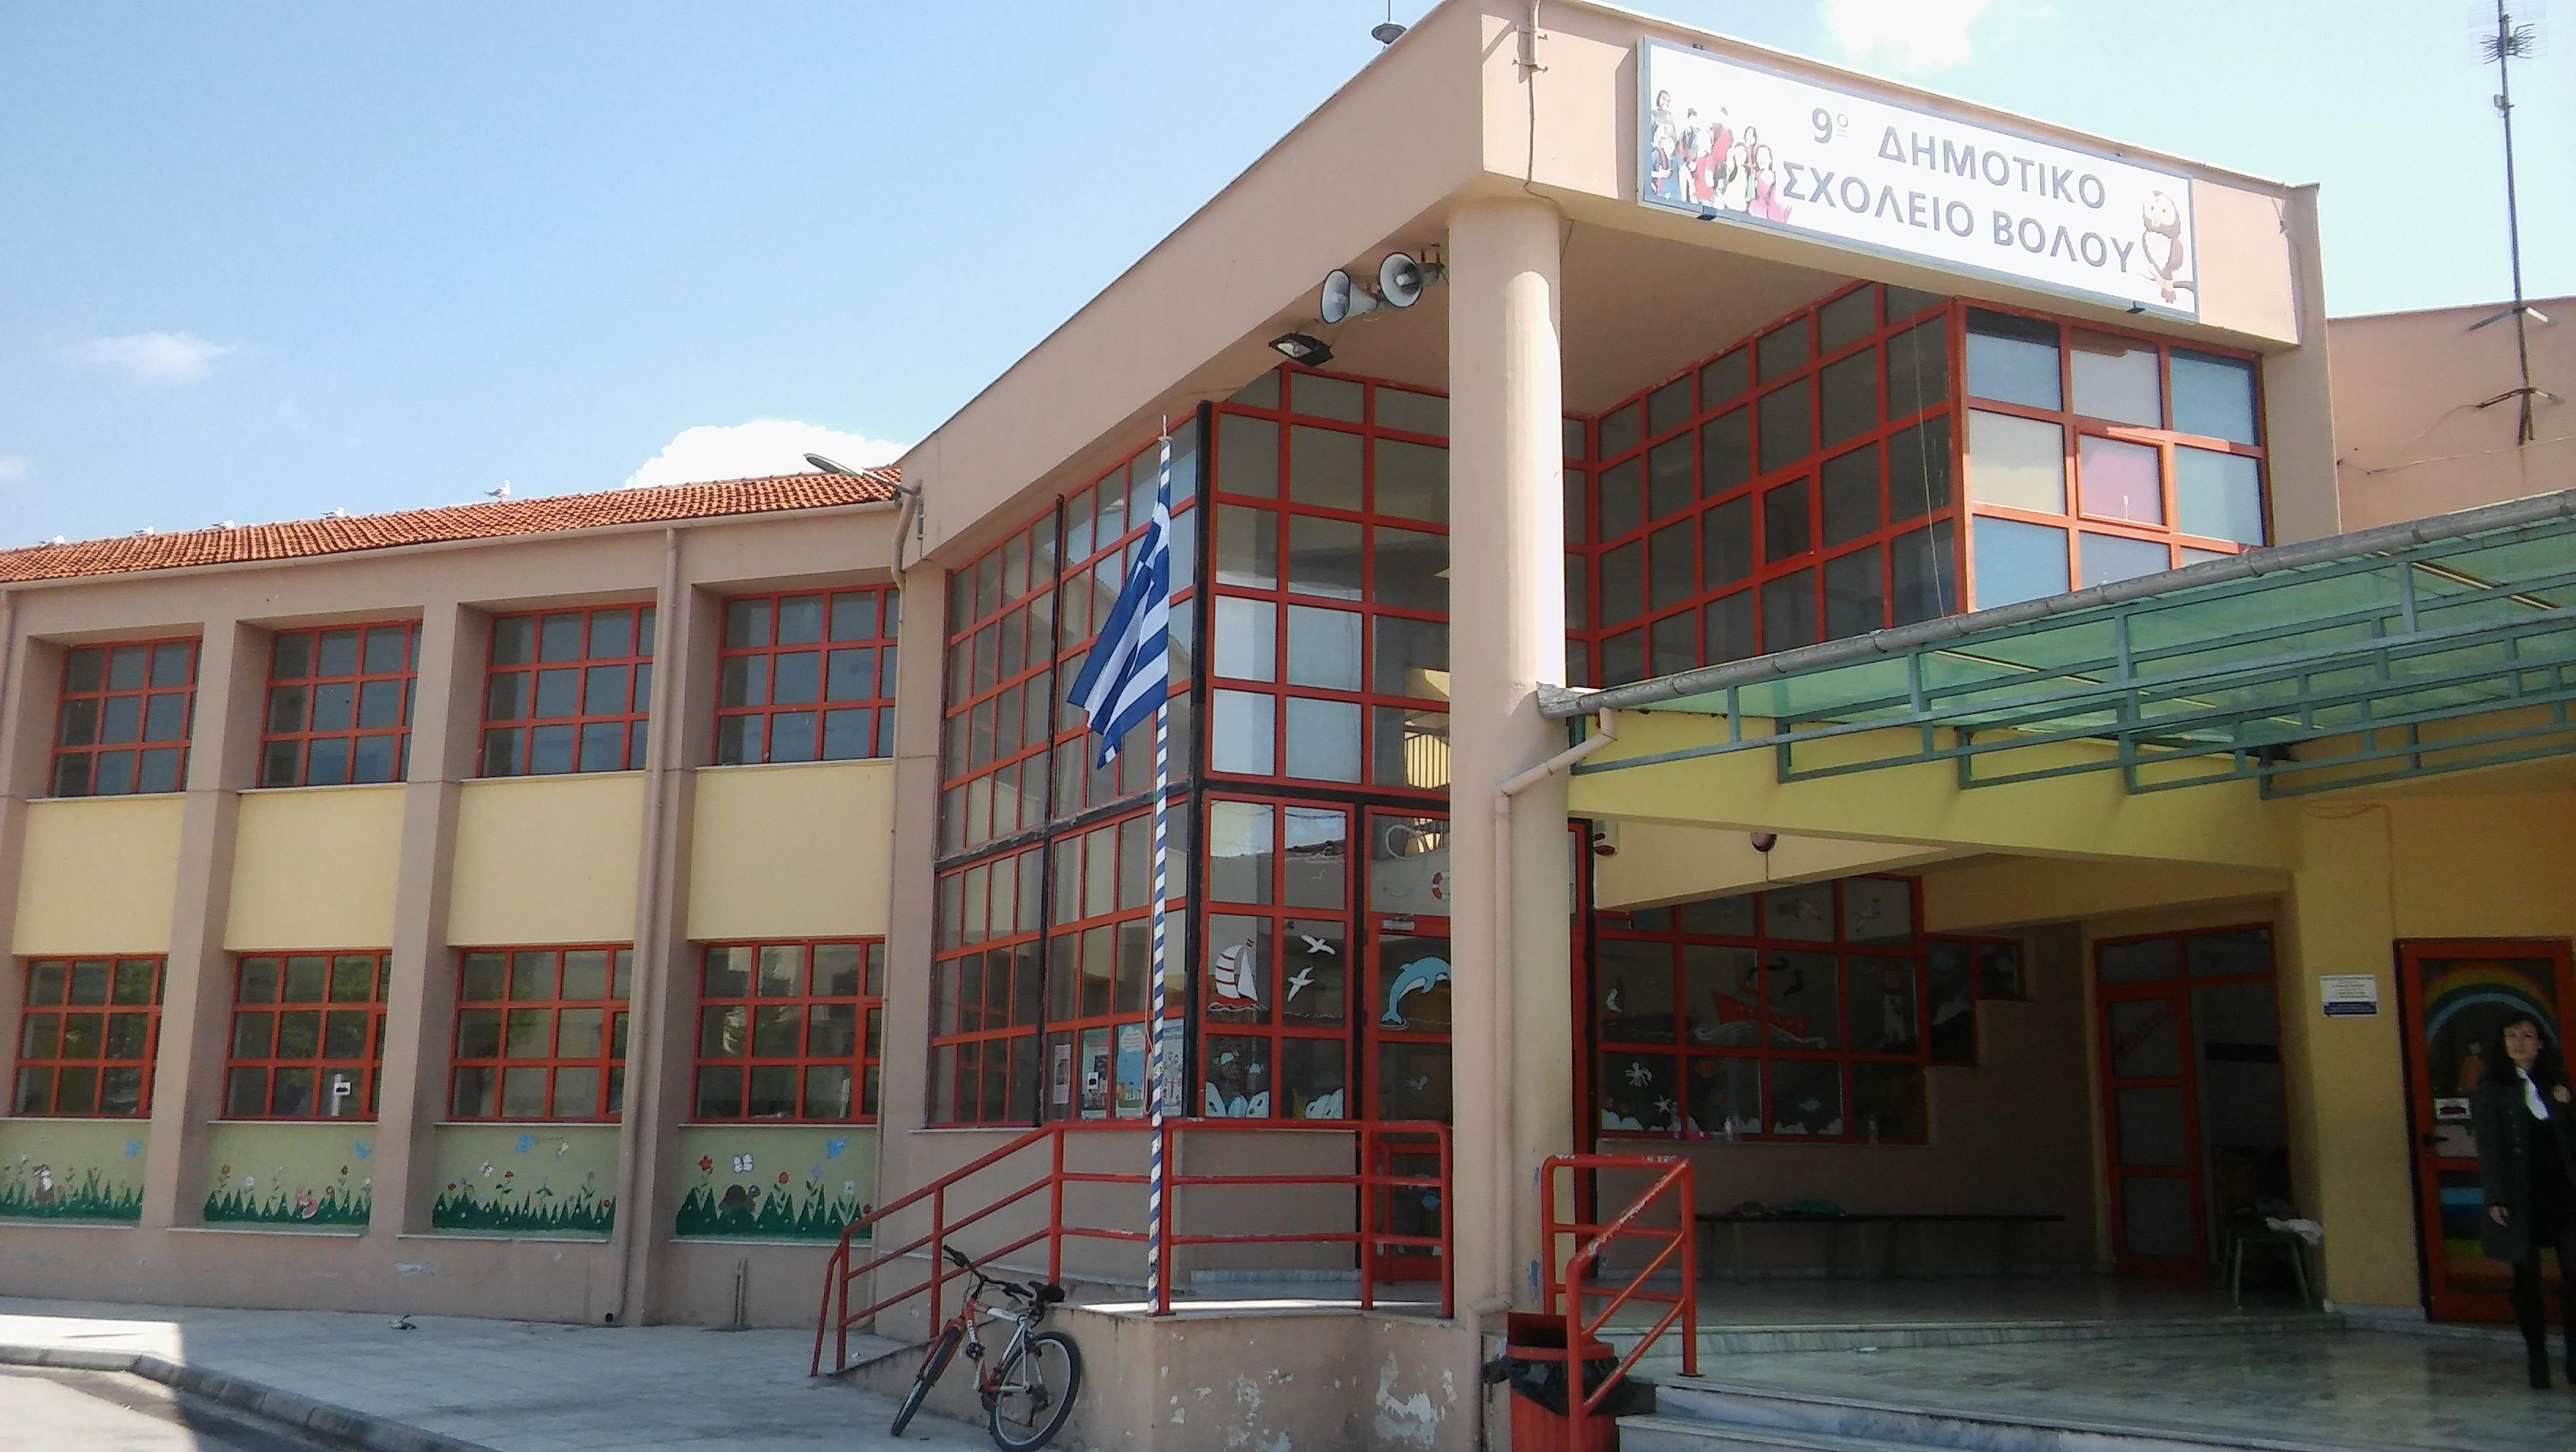 35d8d4f1c7fe Εθελοντική «υιοθεσία» μαθητών με οικονομική δυσκολία στο 9ο Δημοτικό Βόλου